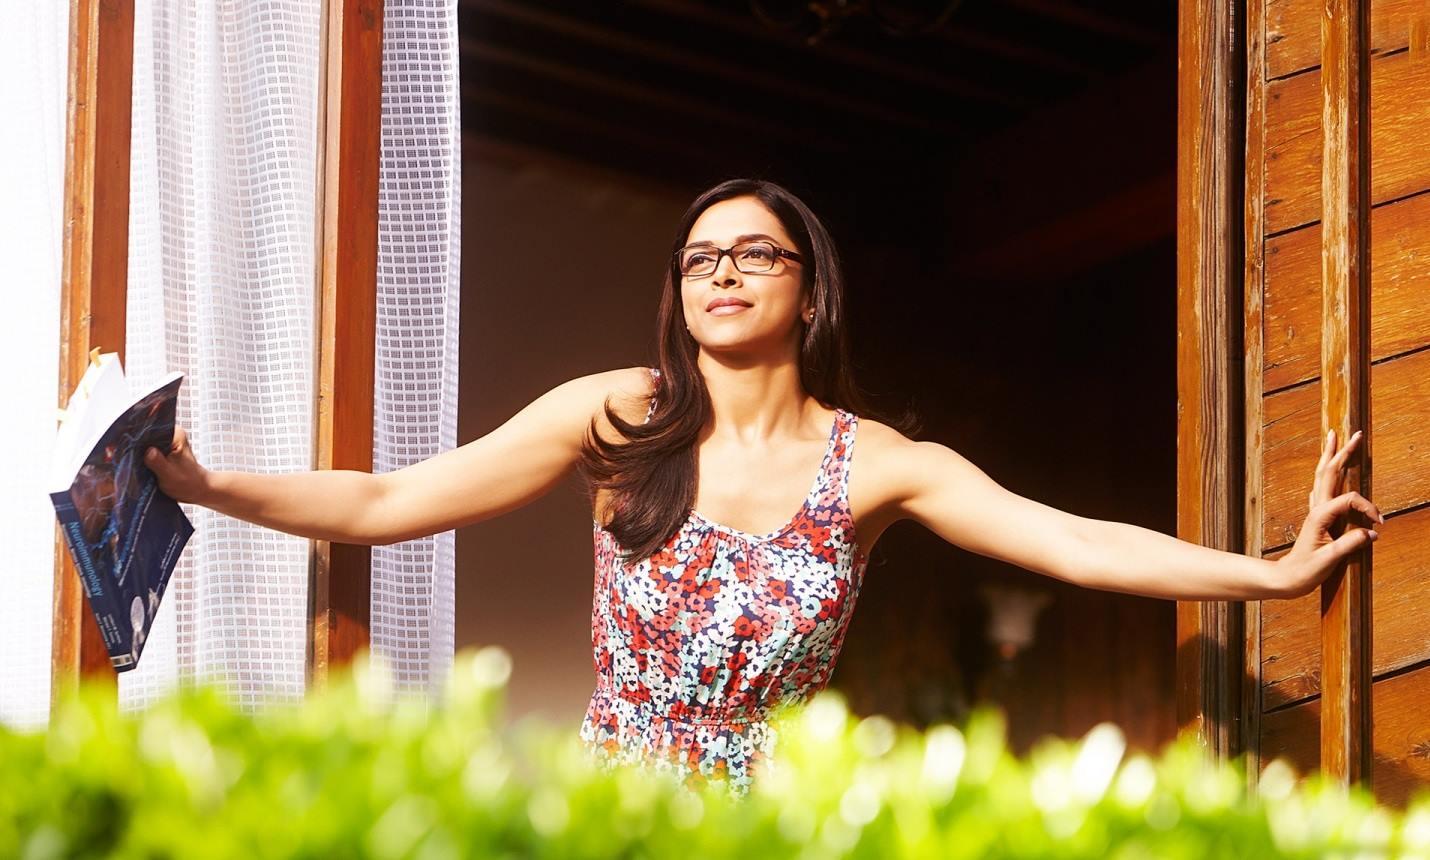 Deepika Padukone,  Sexiest Asian Woman, Katrina Kaif, Sonam Kapoor, Mahira Khan, Gauhar Khan, Priyanka Chopra